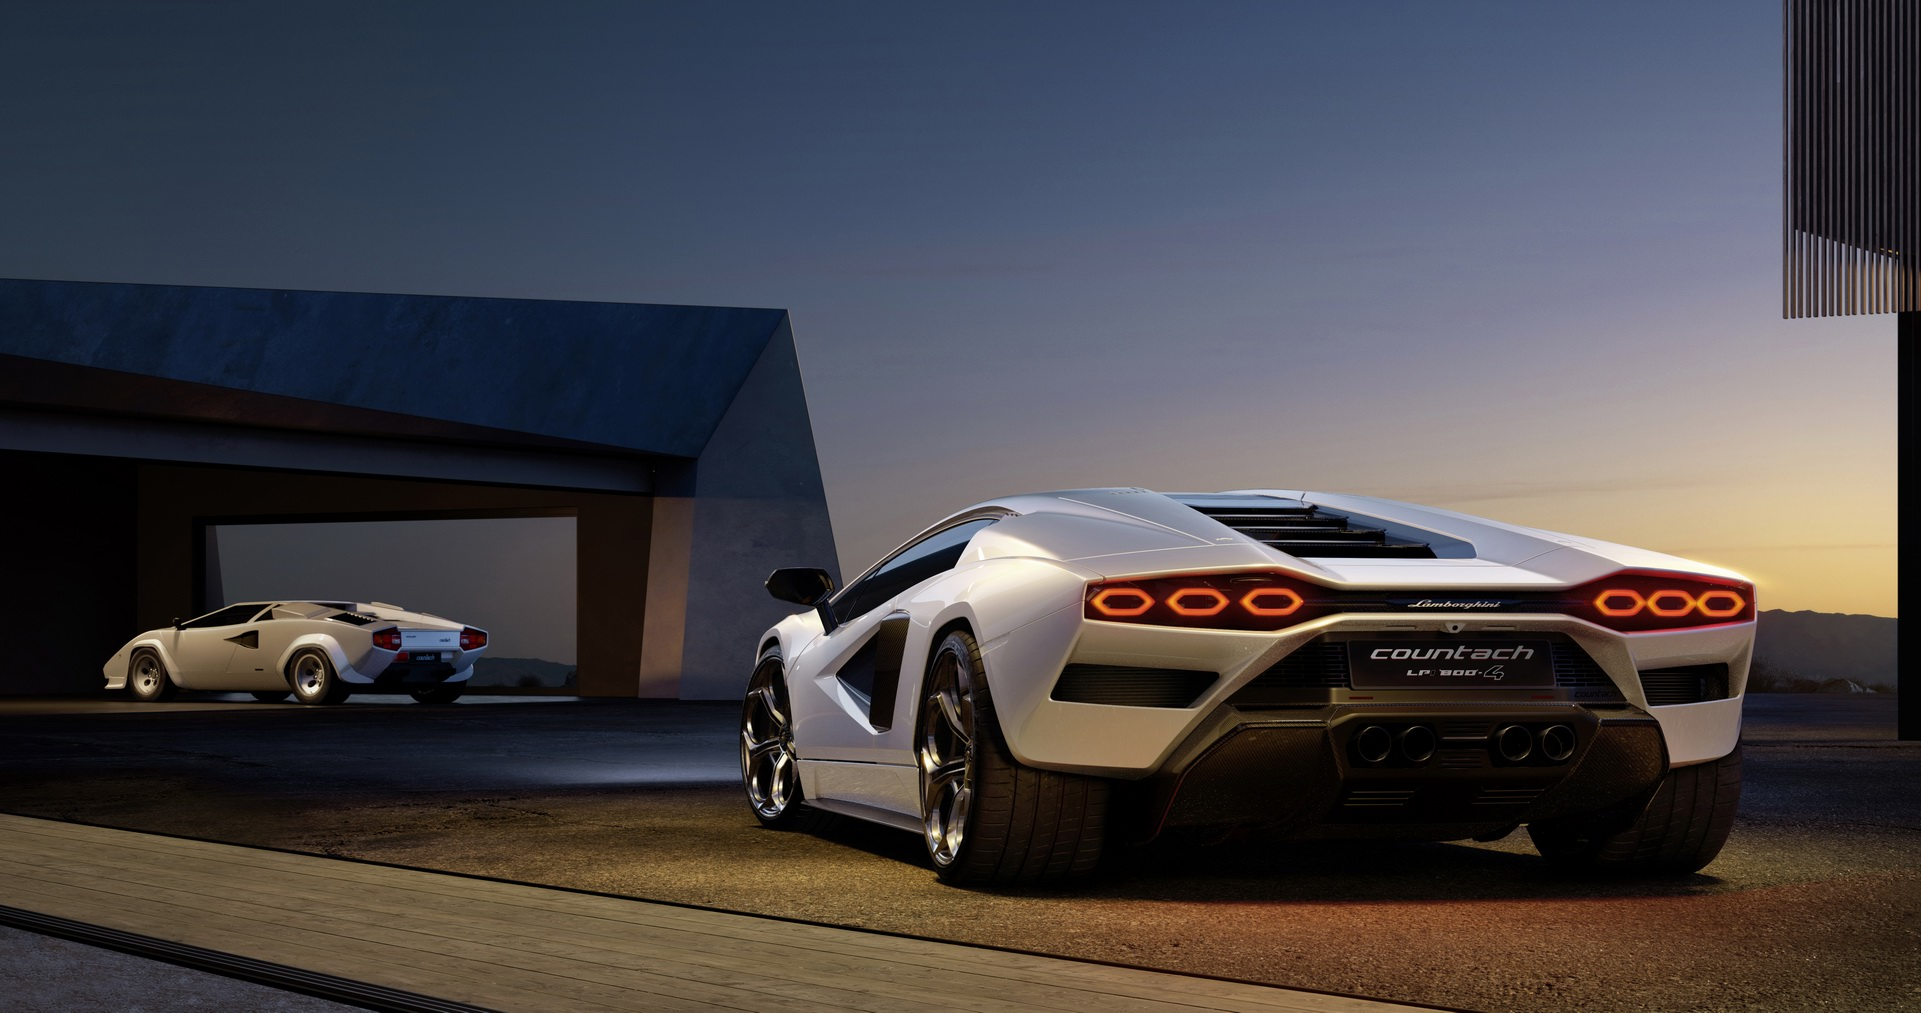 Ανάρπαστη η νέα Lamborghini Countach, ξεπούλησε πριν κυκλοφορήσει!